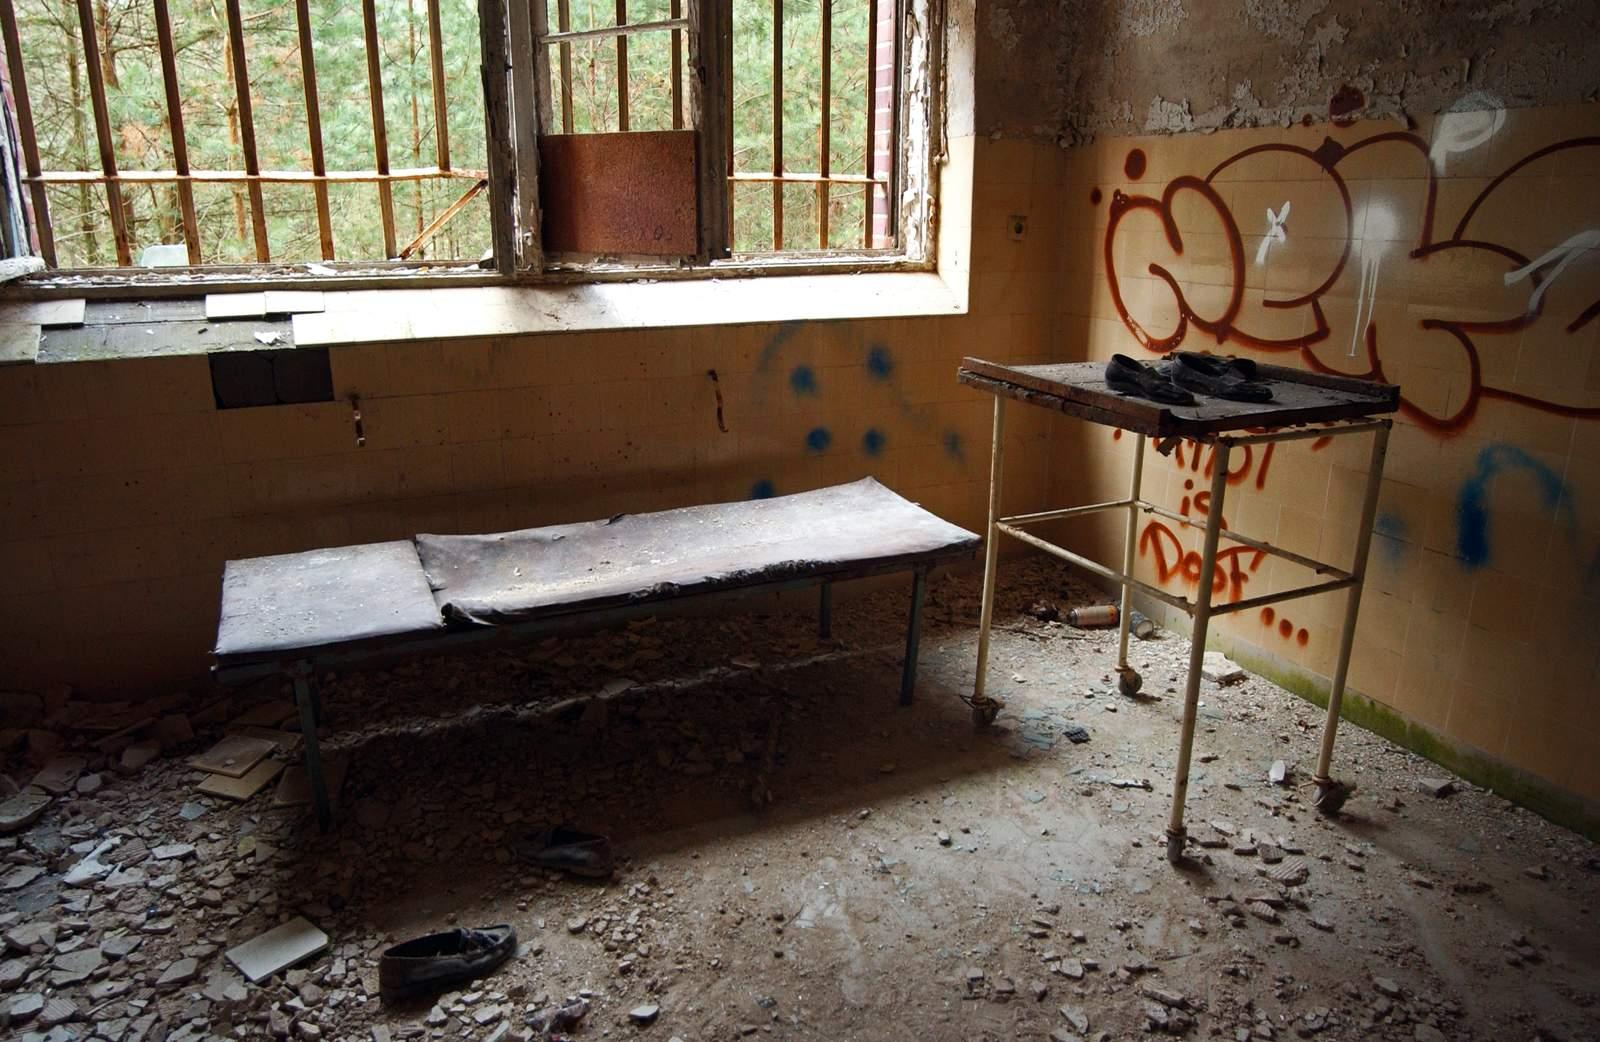 beelitz heilstatten7 Abandoned Beelitz Heilstatten Hospital